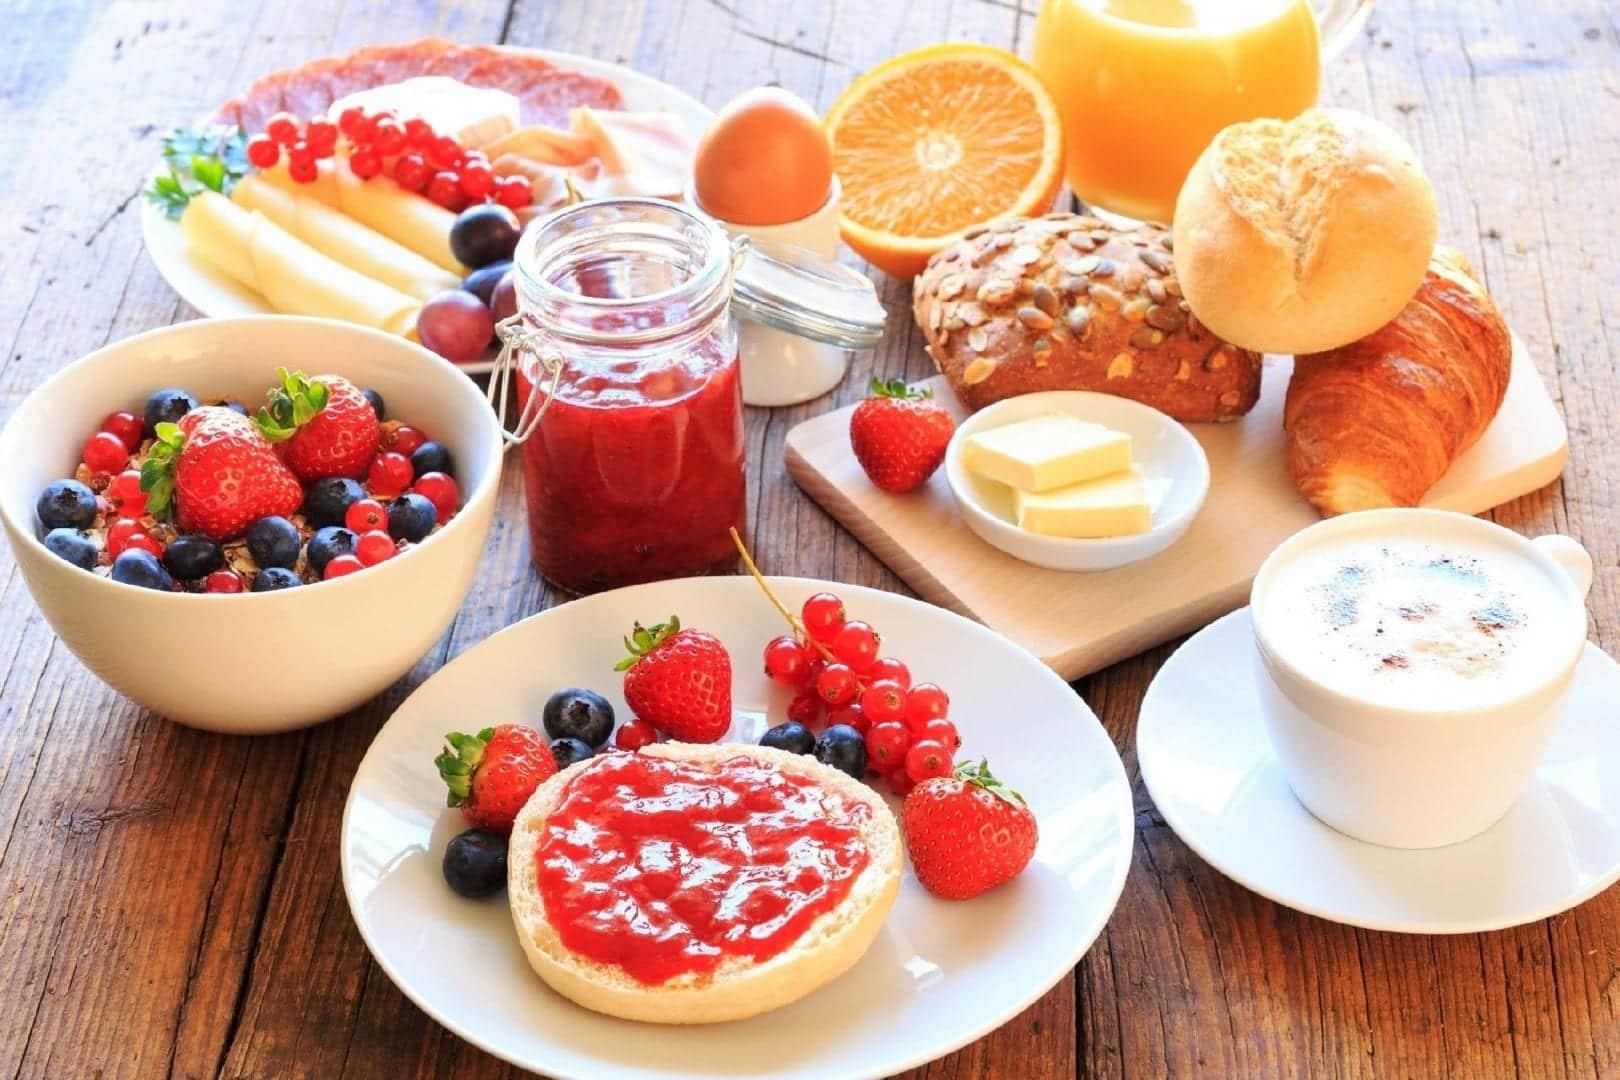 Café da manhã - 10 receitas fáceis e saudáveis, de até 5 minutos